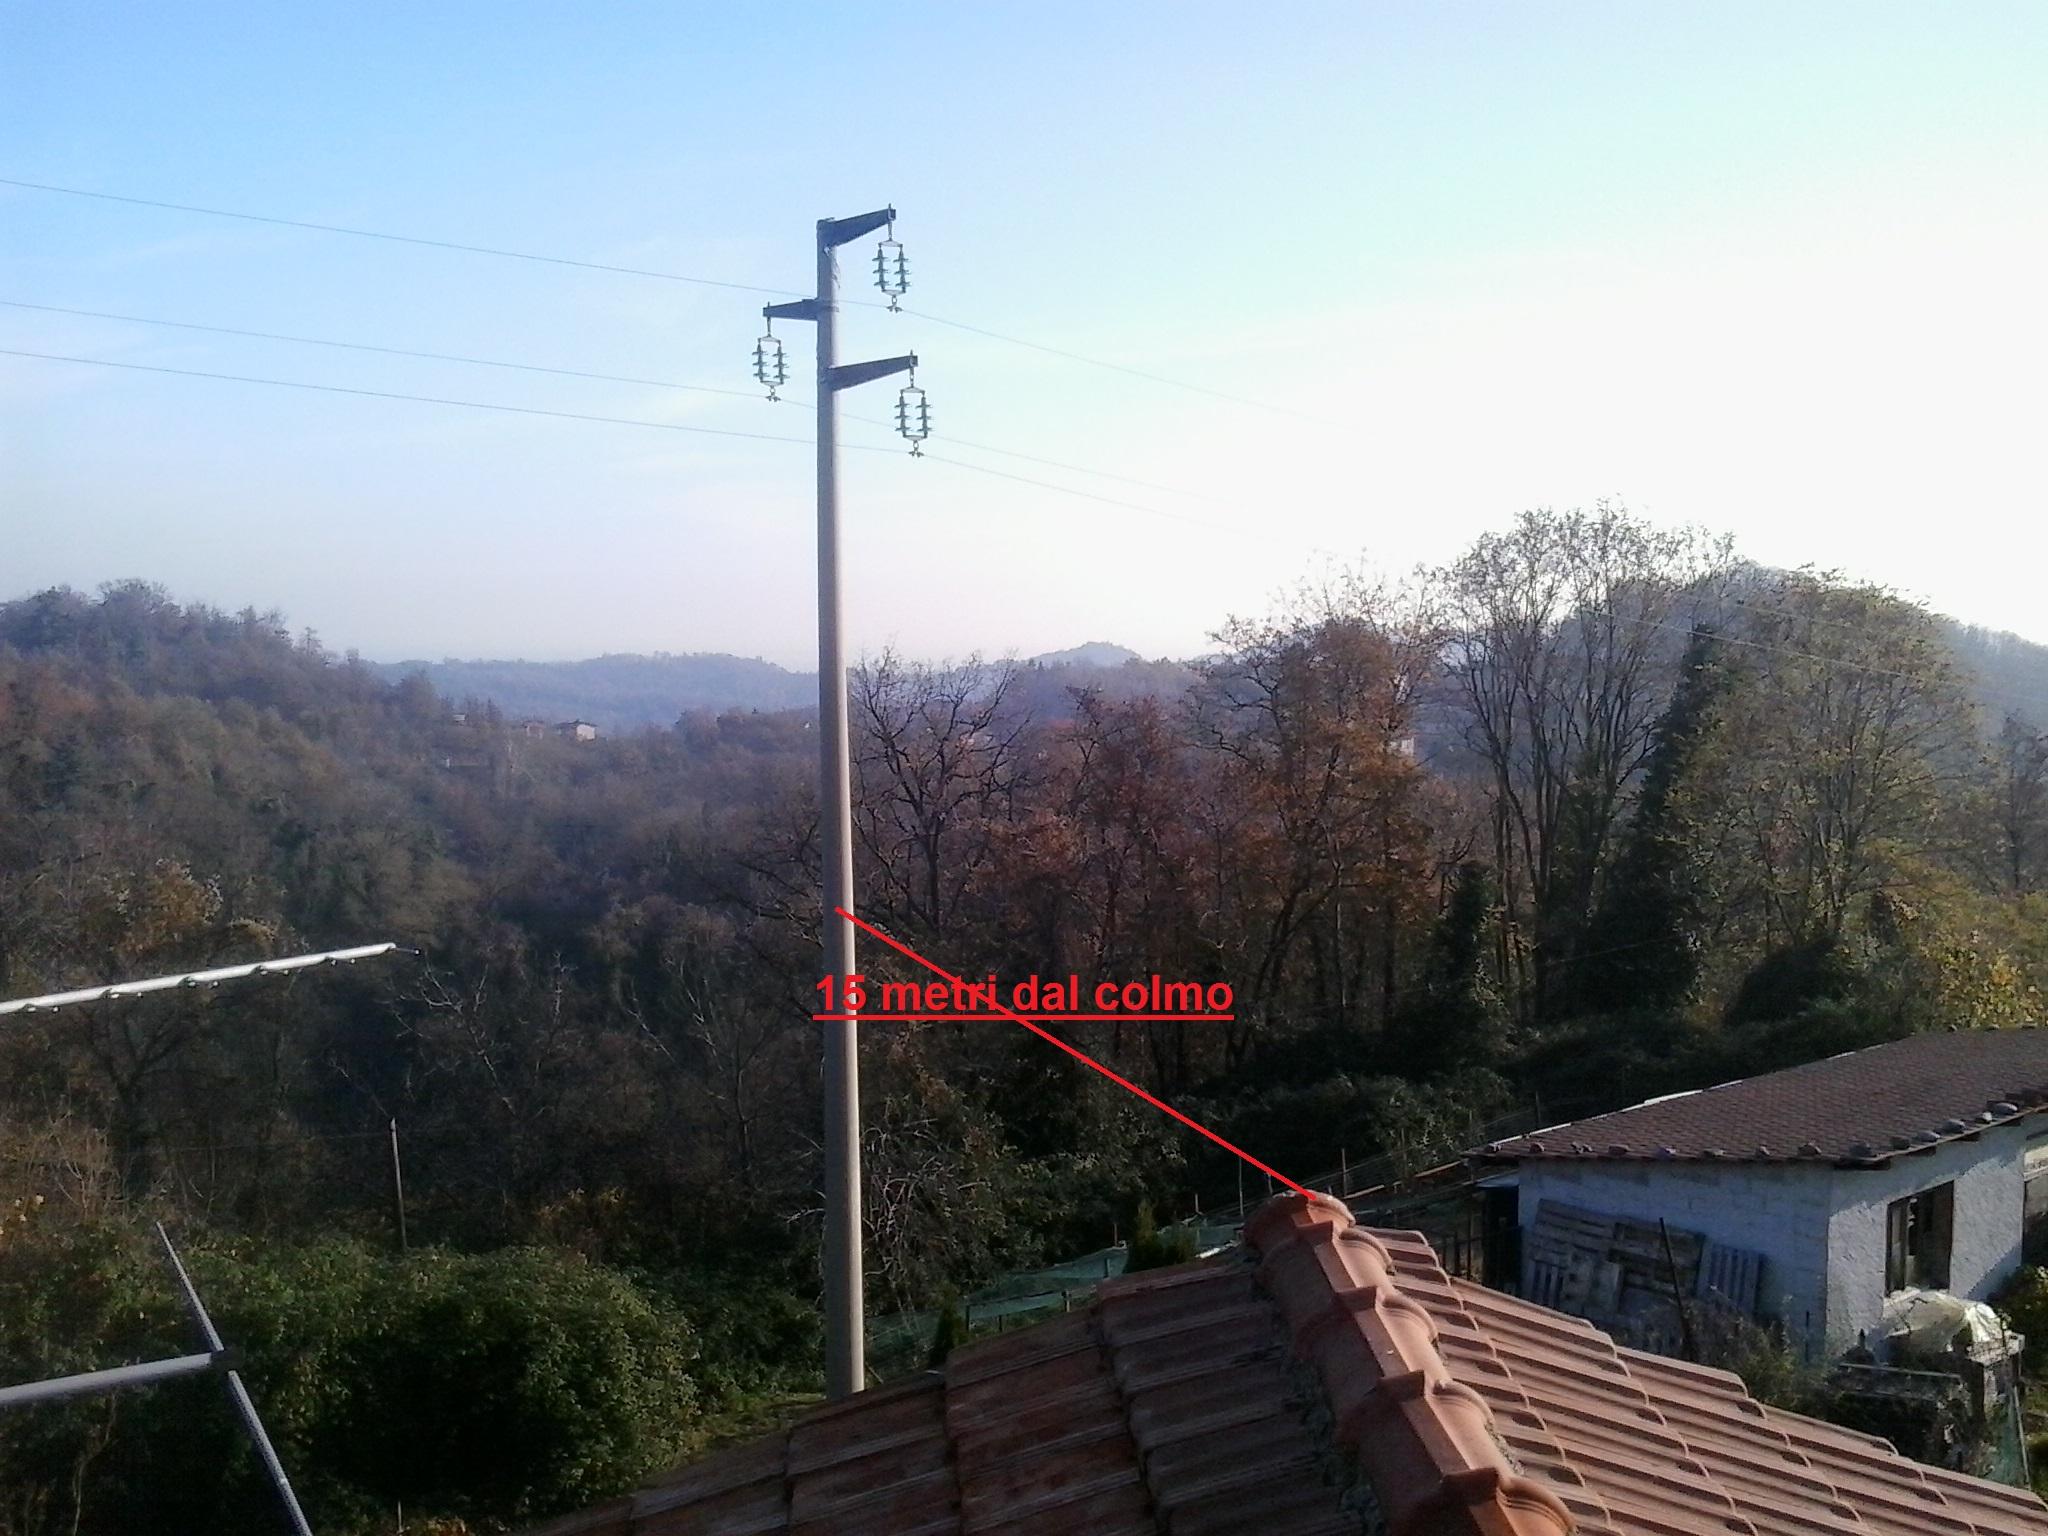 http://www.energialternativa.info/public/newforum/ForumEA/U/distanza%20palo%20enel.jpg